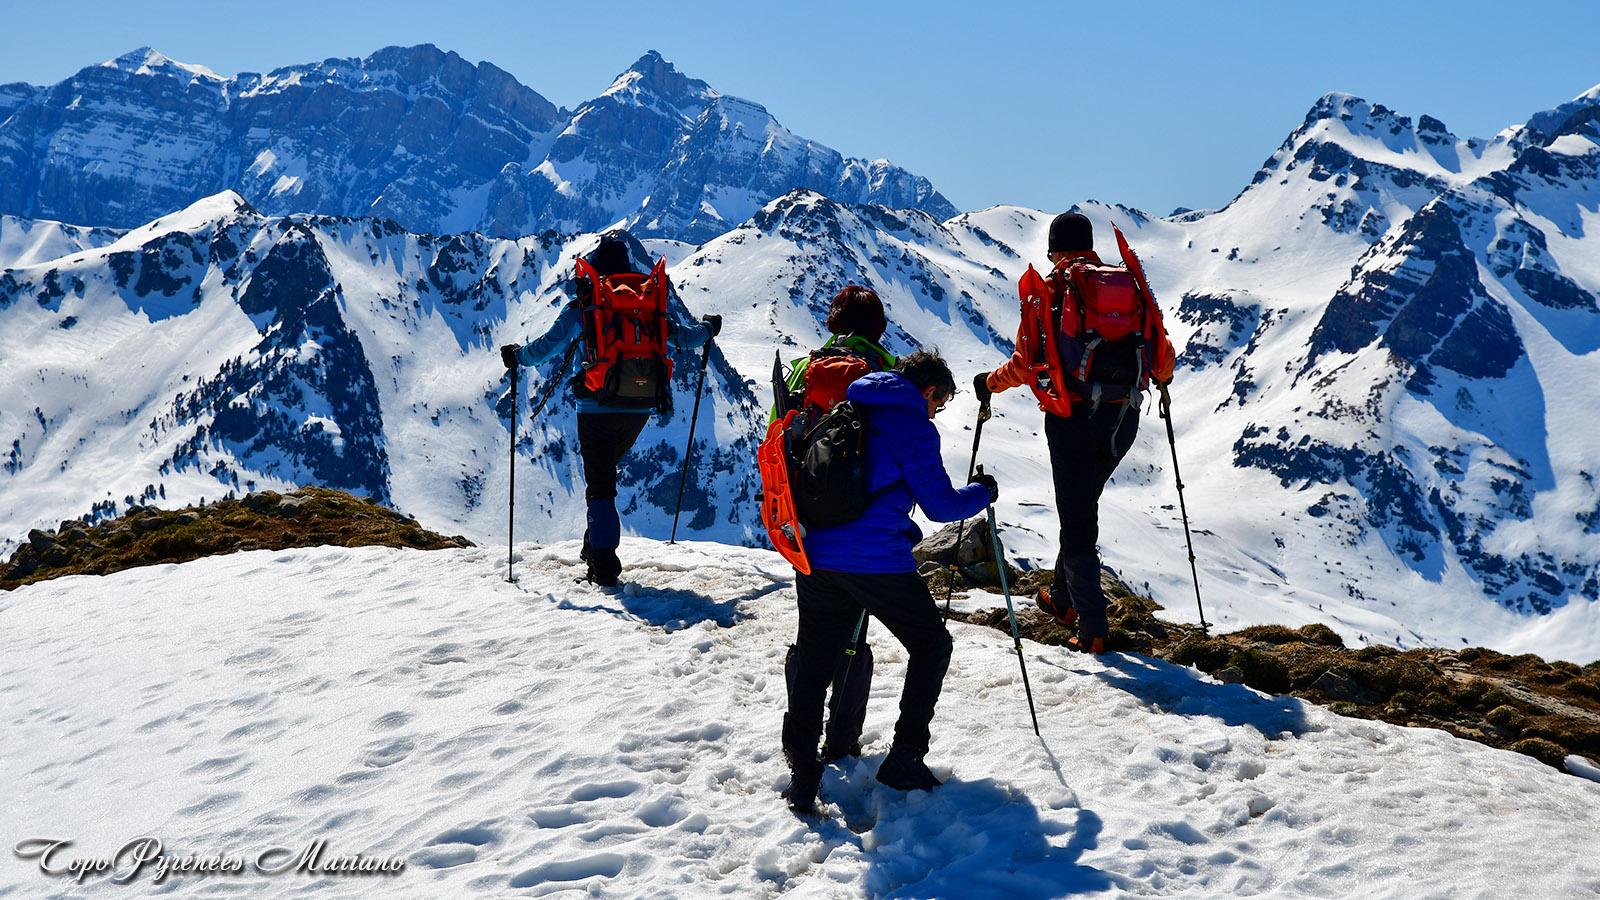 Sortie hivernale au Pic d'Estrémère (2165m) en aller/retour depuis le col du Pourtalet